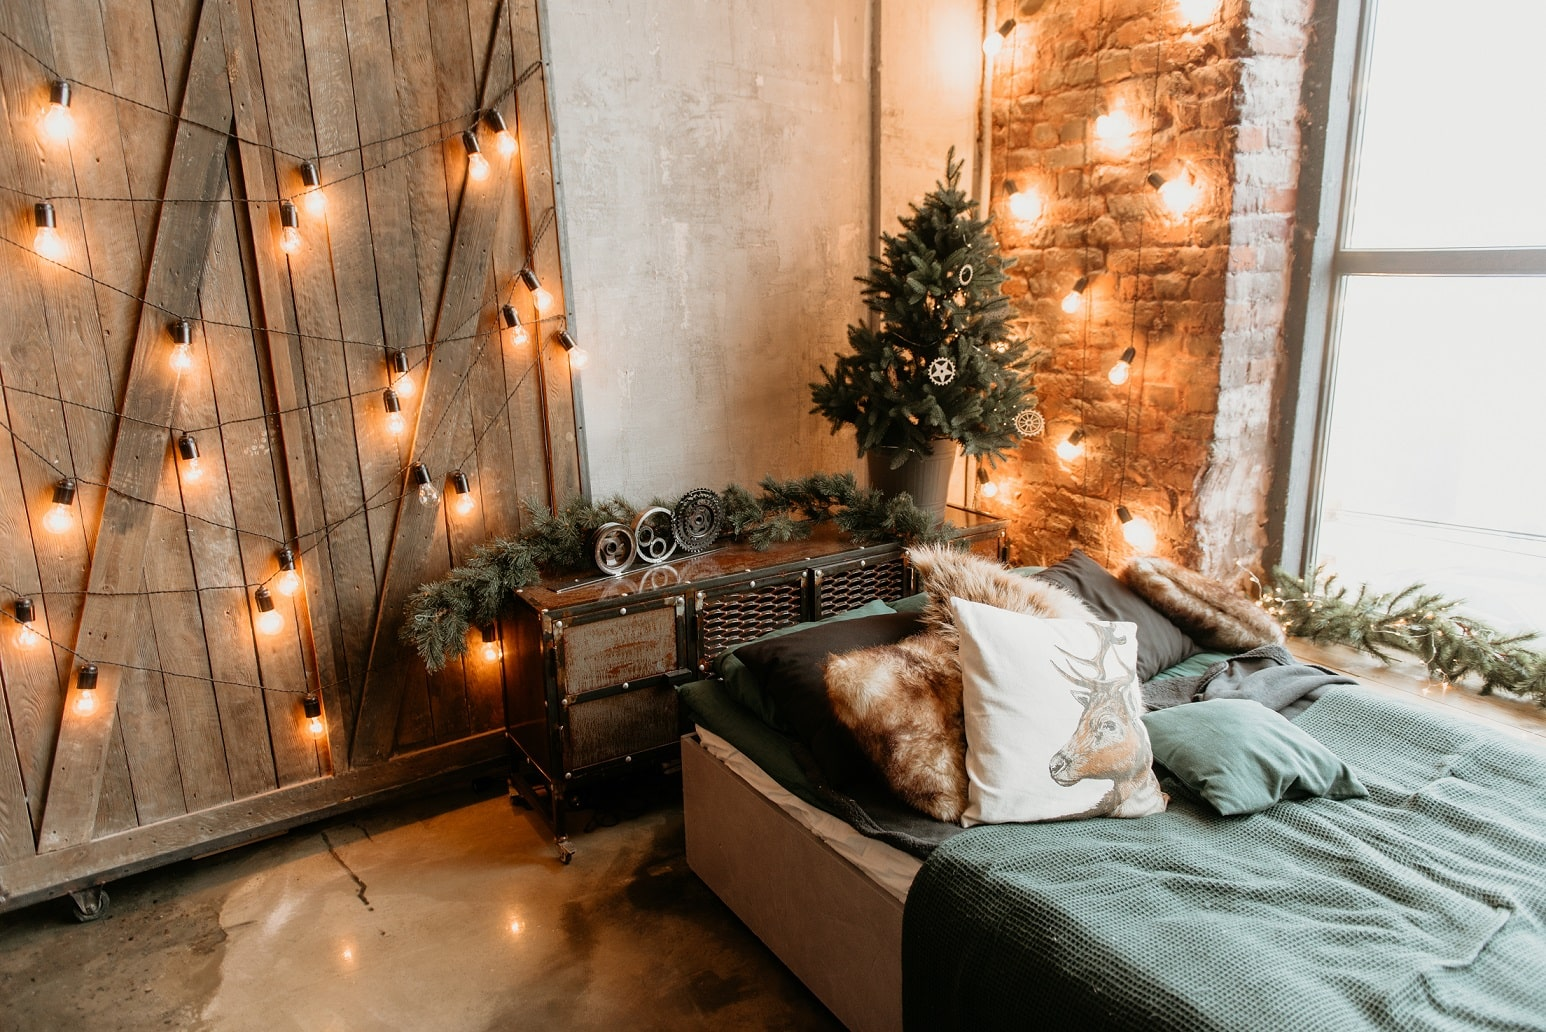 Wohlfühlumgebung - gemütliches Schlafzimmer - Wohnideen und Inspirationen bei DESMONDO